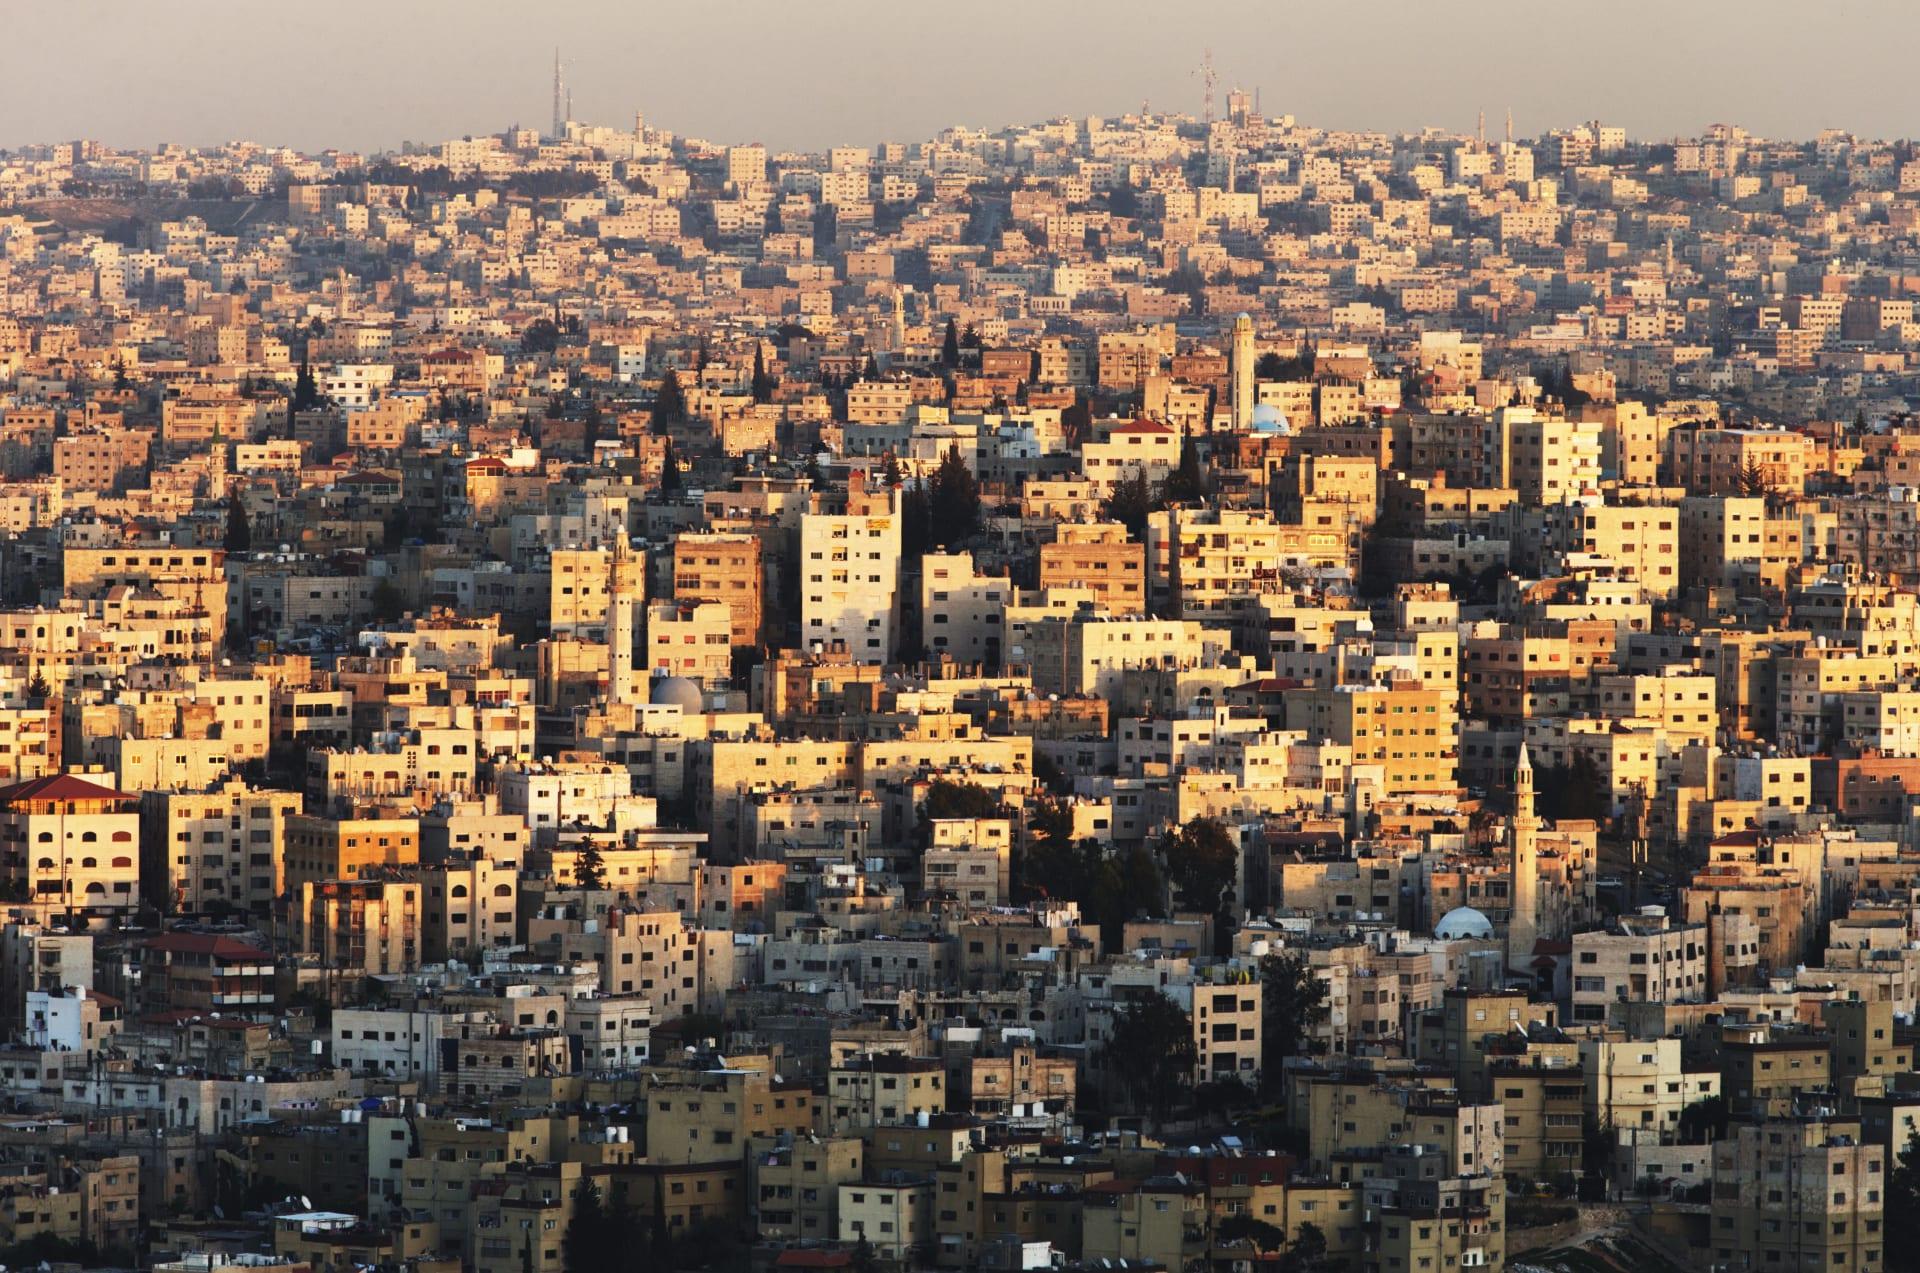 العاصمة الأردنية عمان